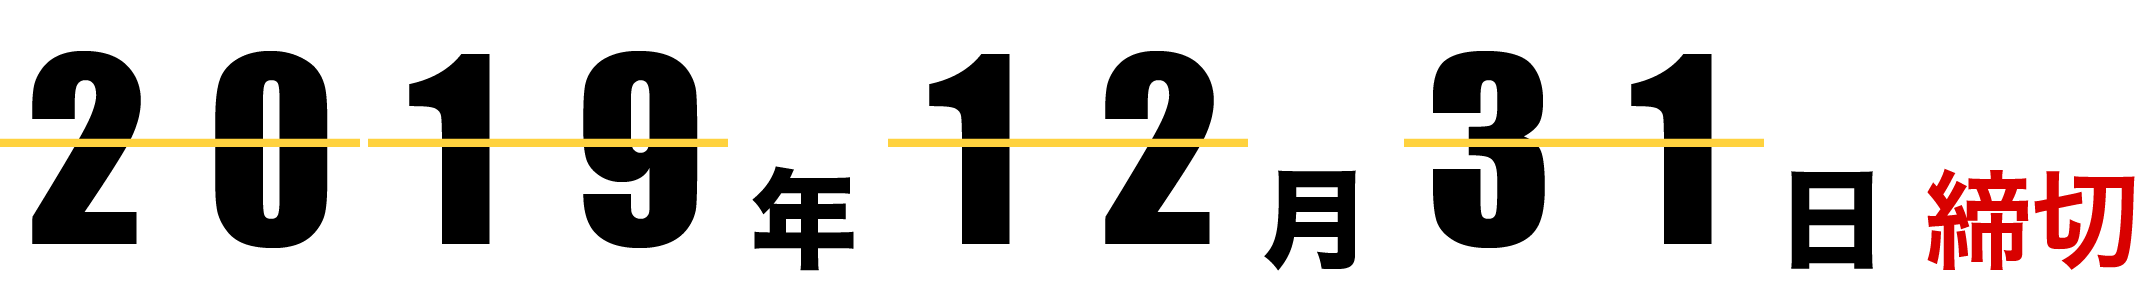 2019年12月31日締切(消印有効)